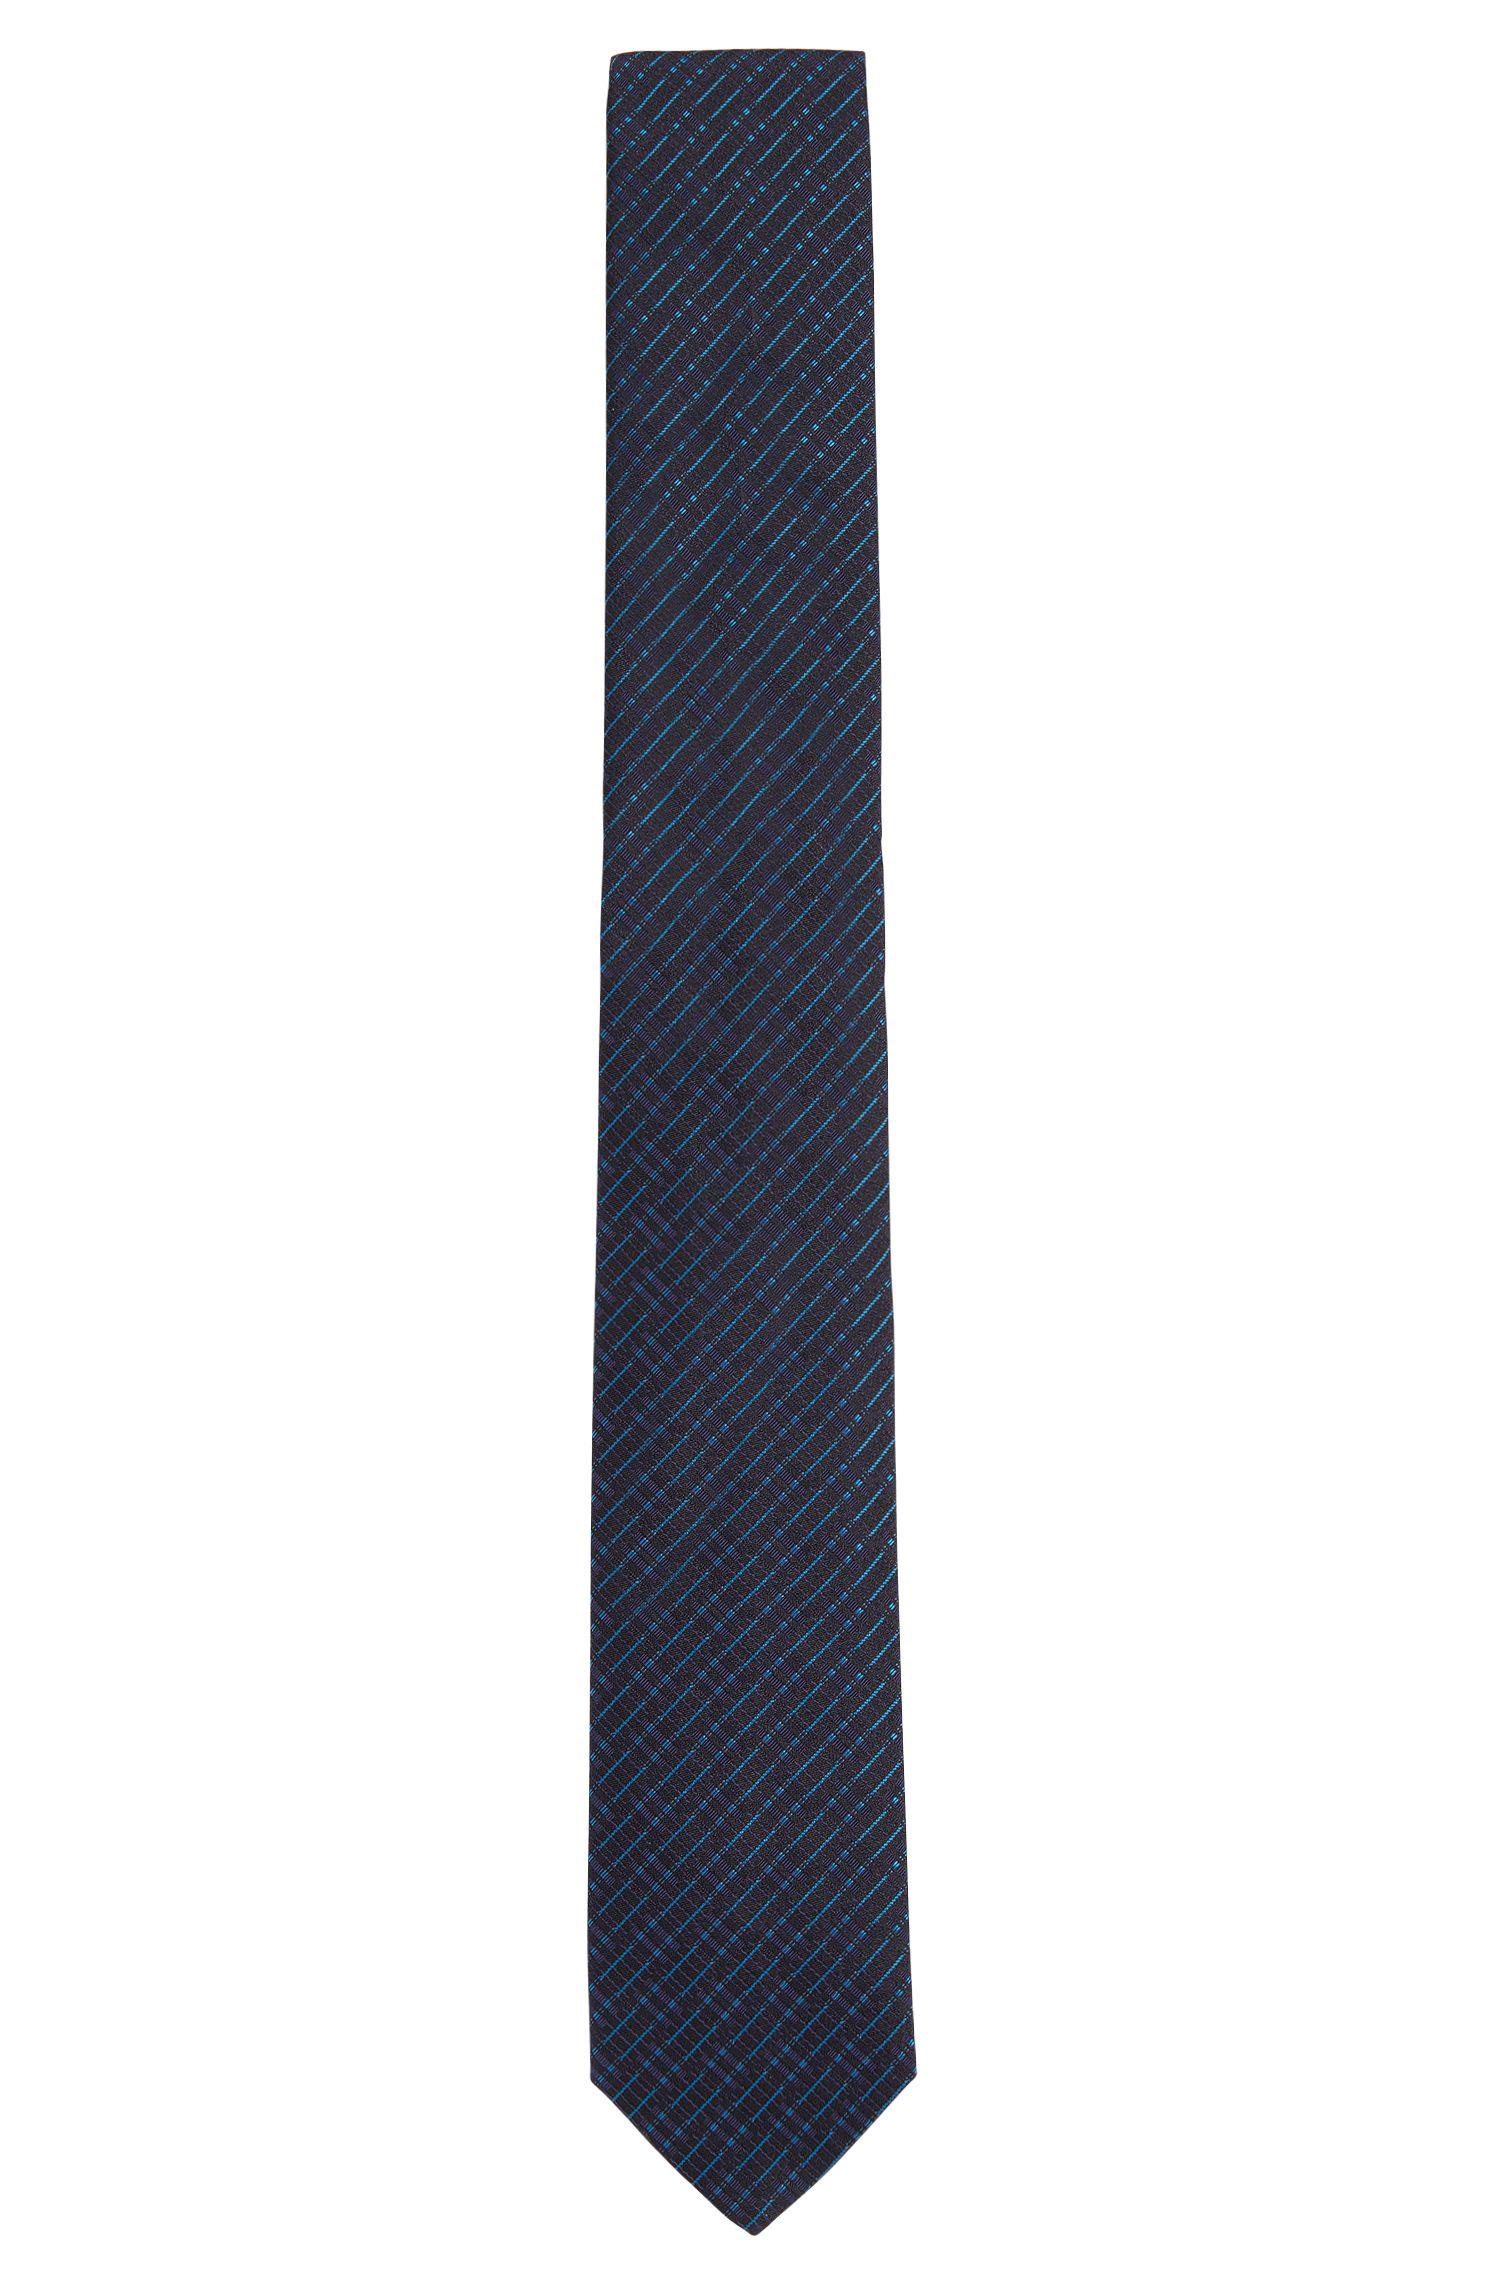 Fein gemusterte Tailored Krawatte aus reiner Seide: 'T-Tie 6 cm'